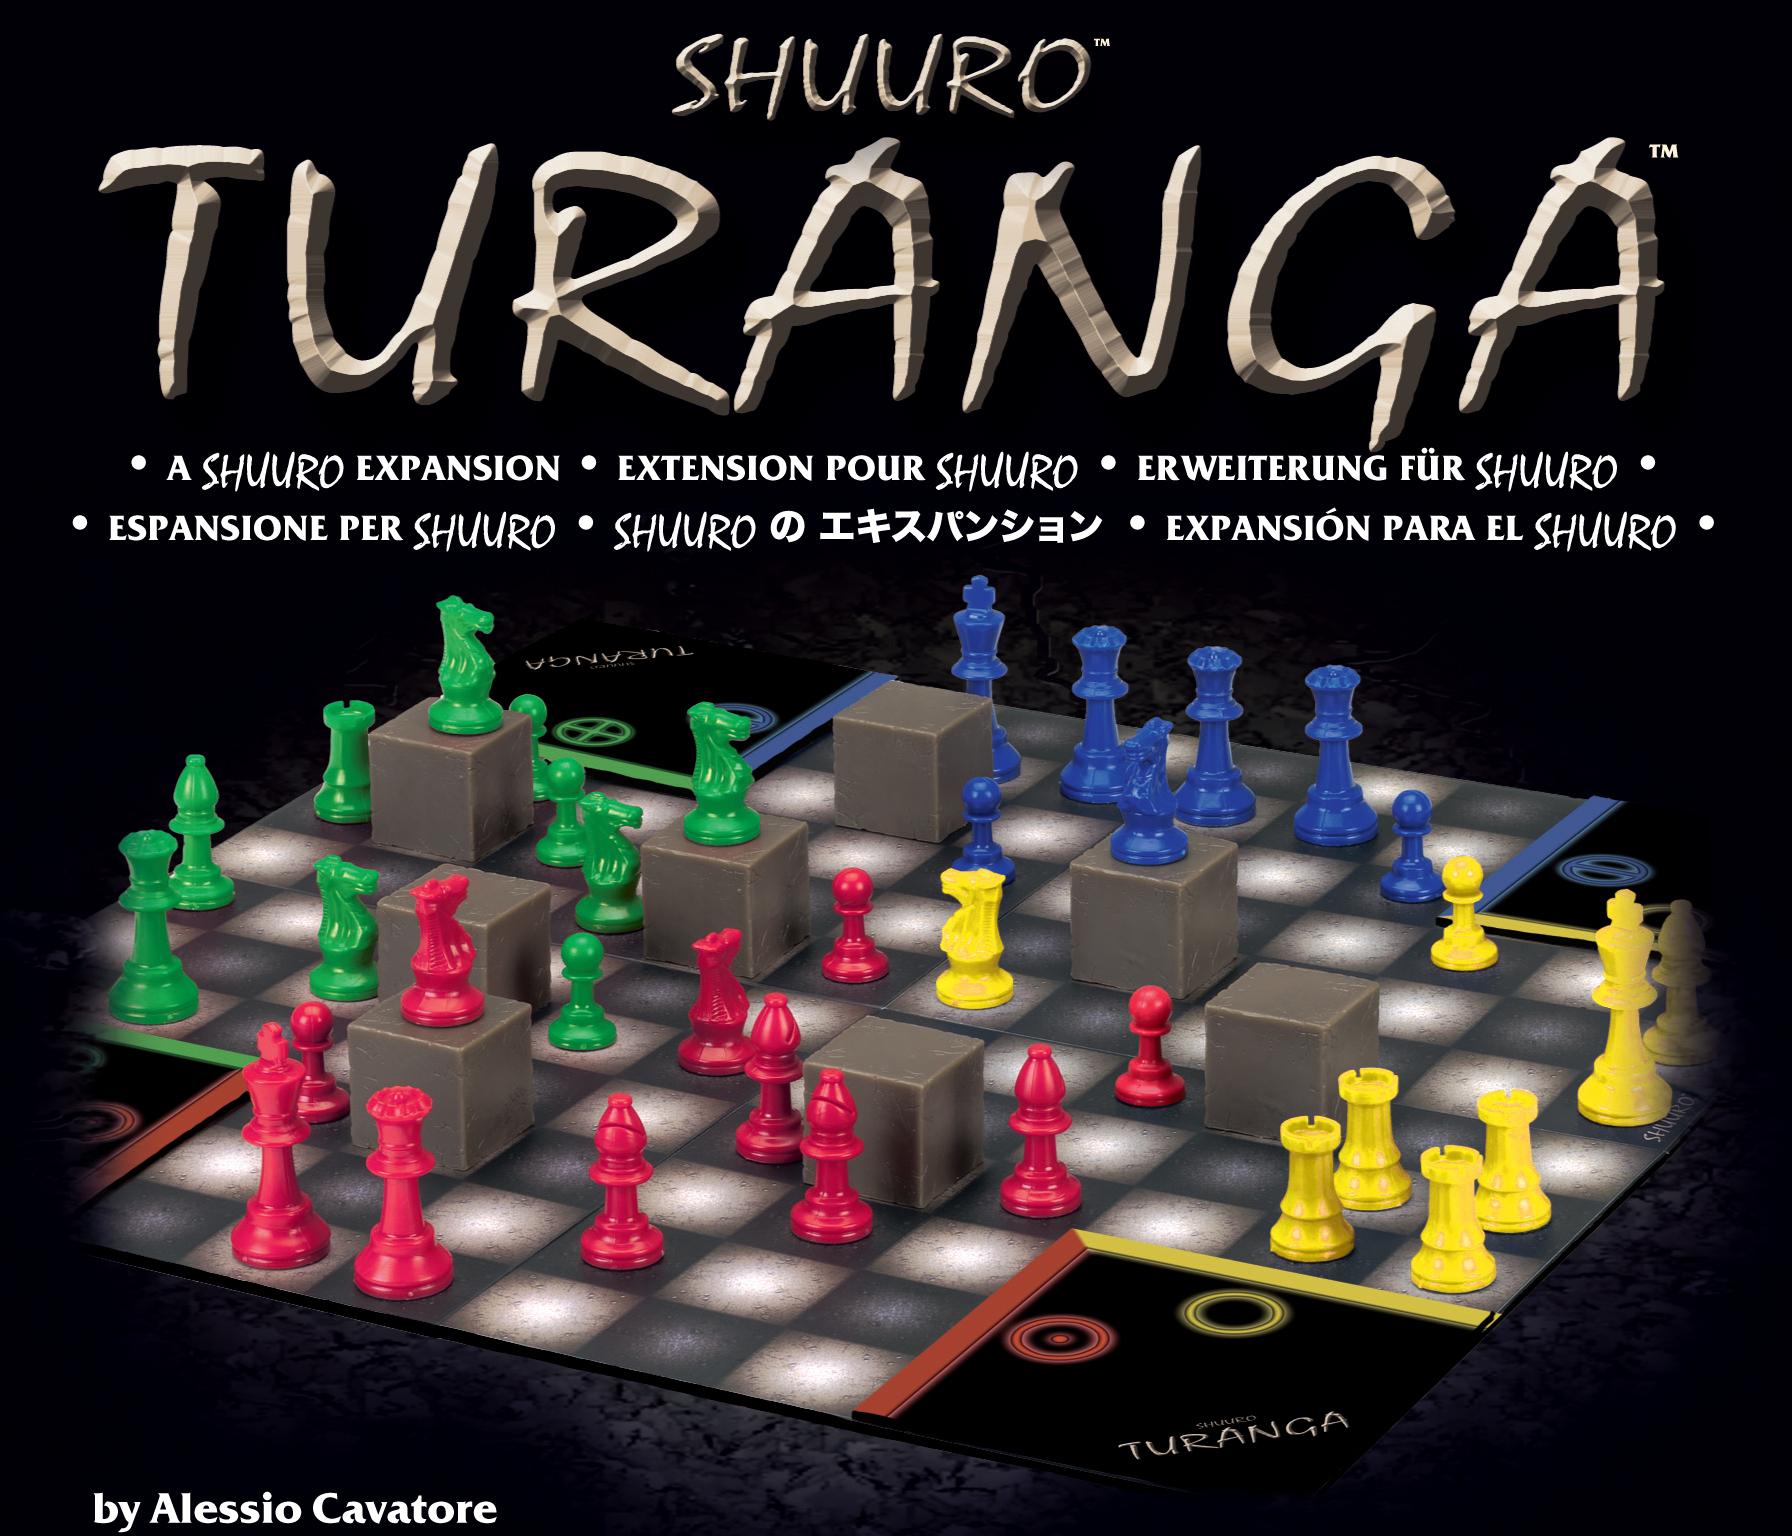 Turanga_product_shot